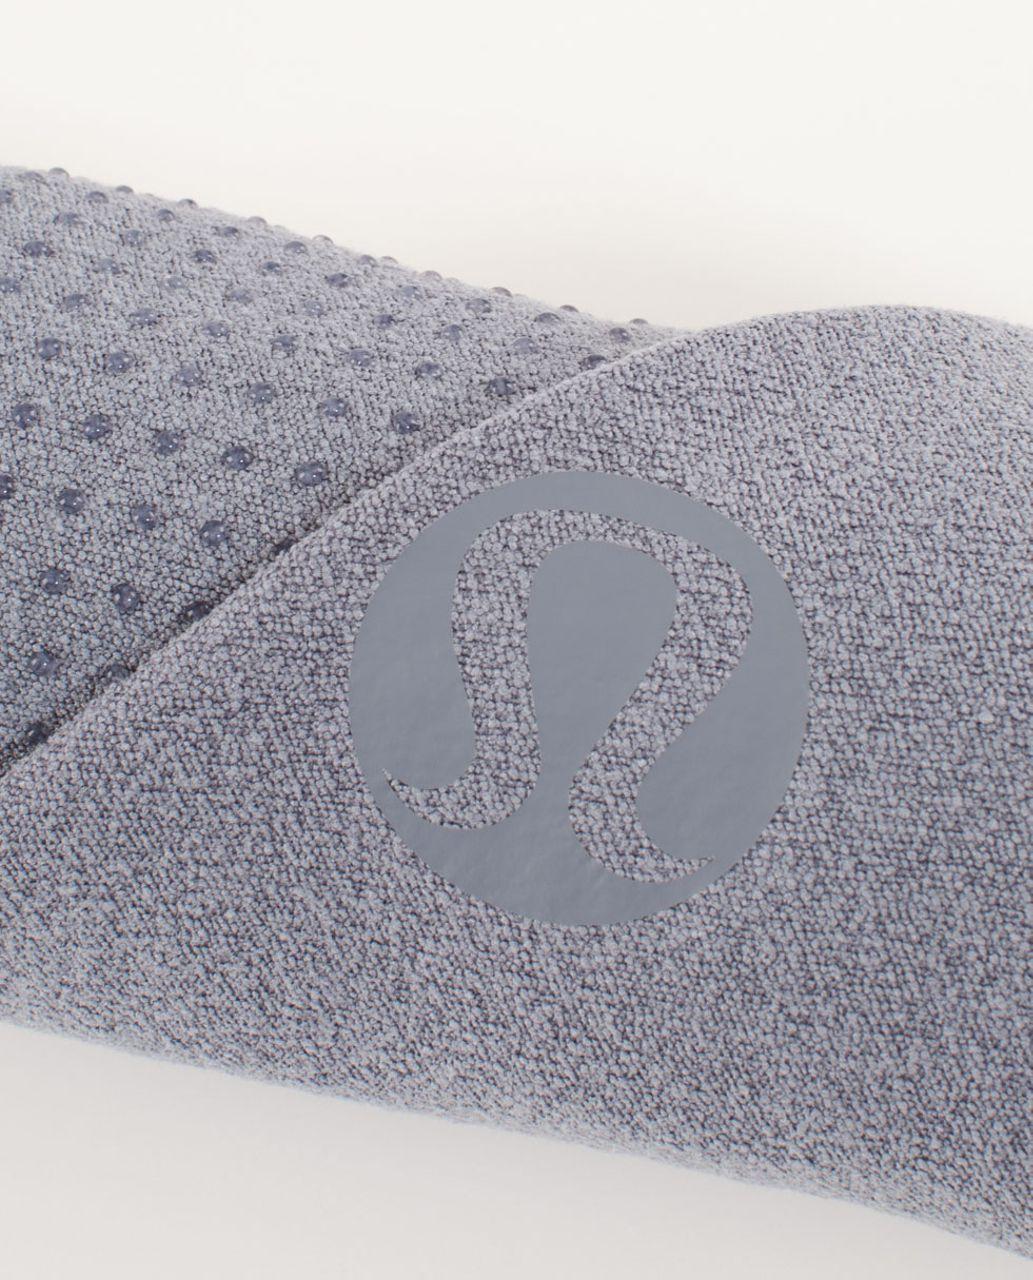 Lululemon Skidless Towel - Fossil